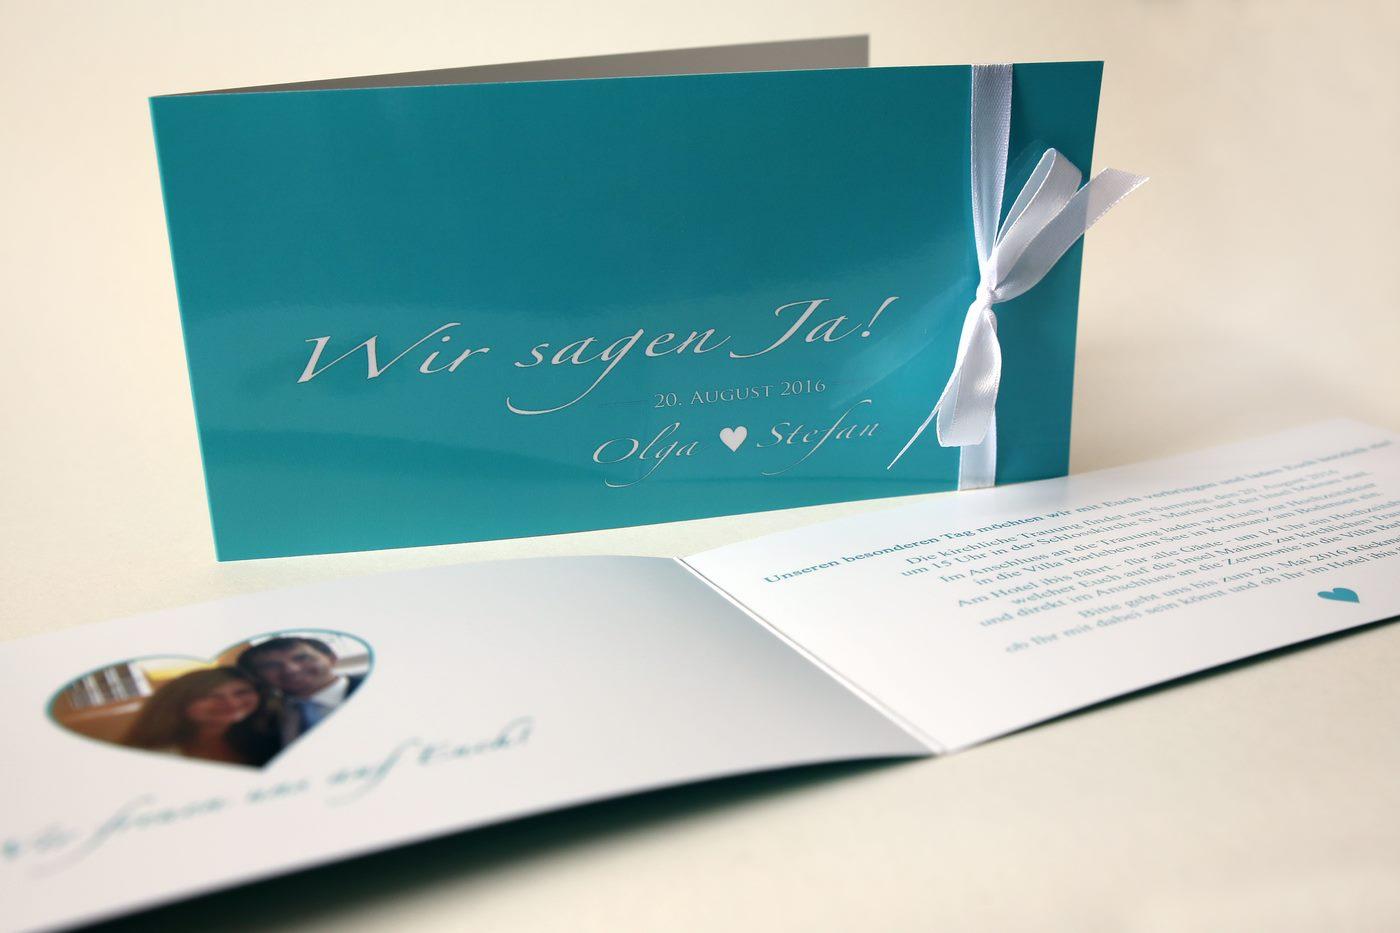 Offene Einladungskarte zur Hochzeit in türkis